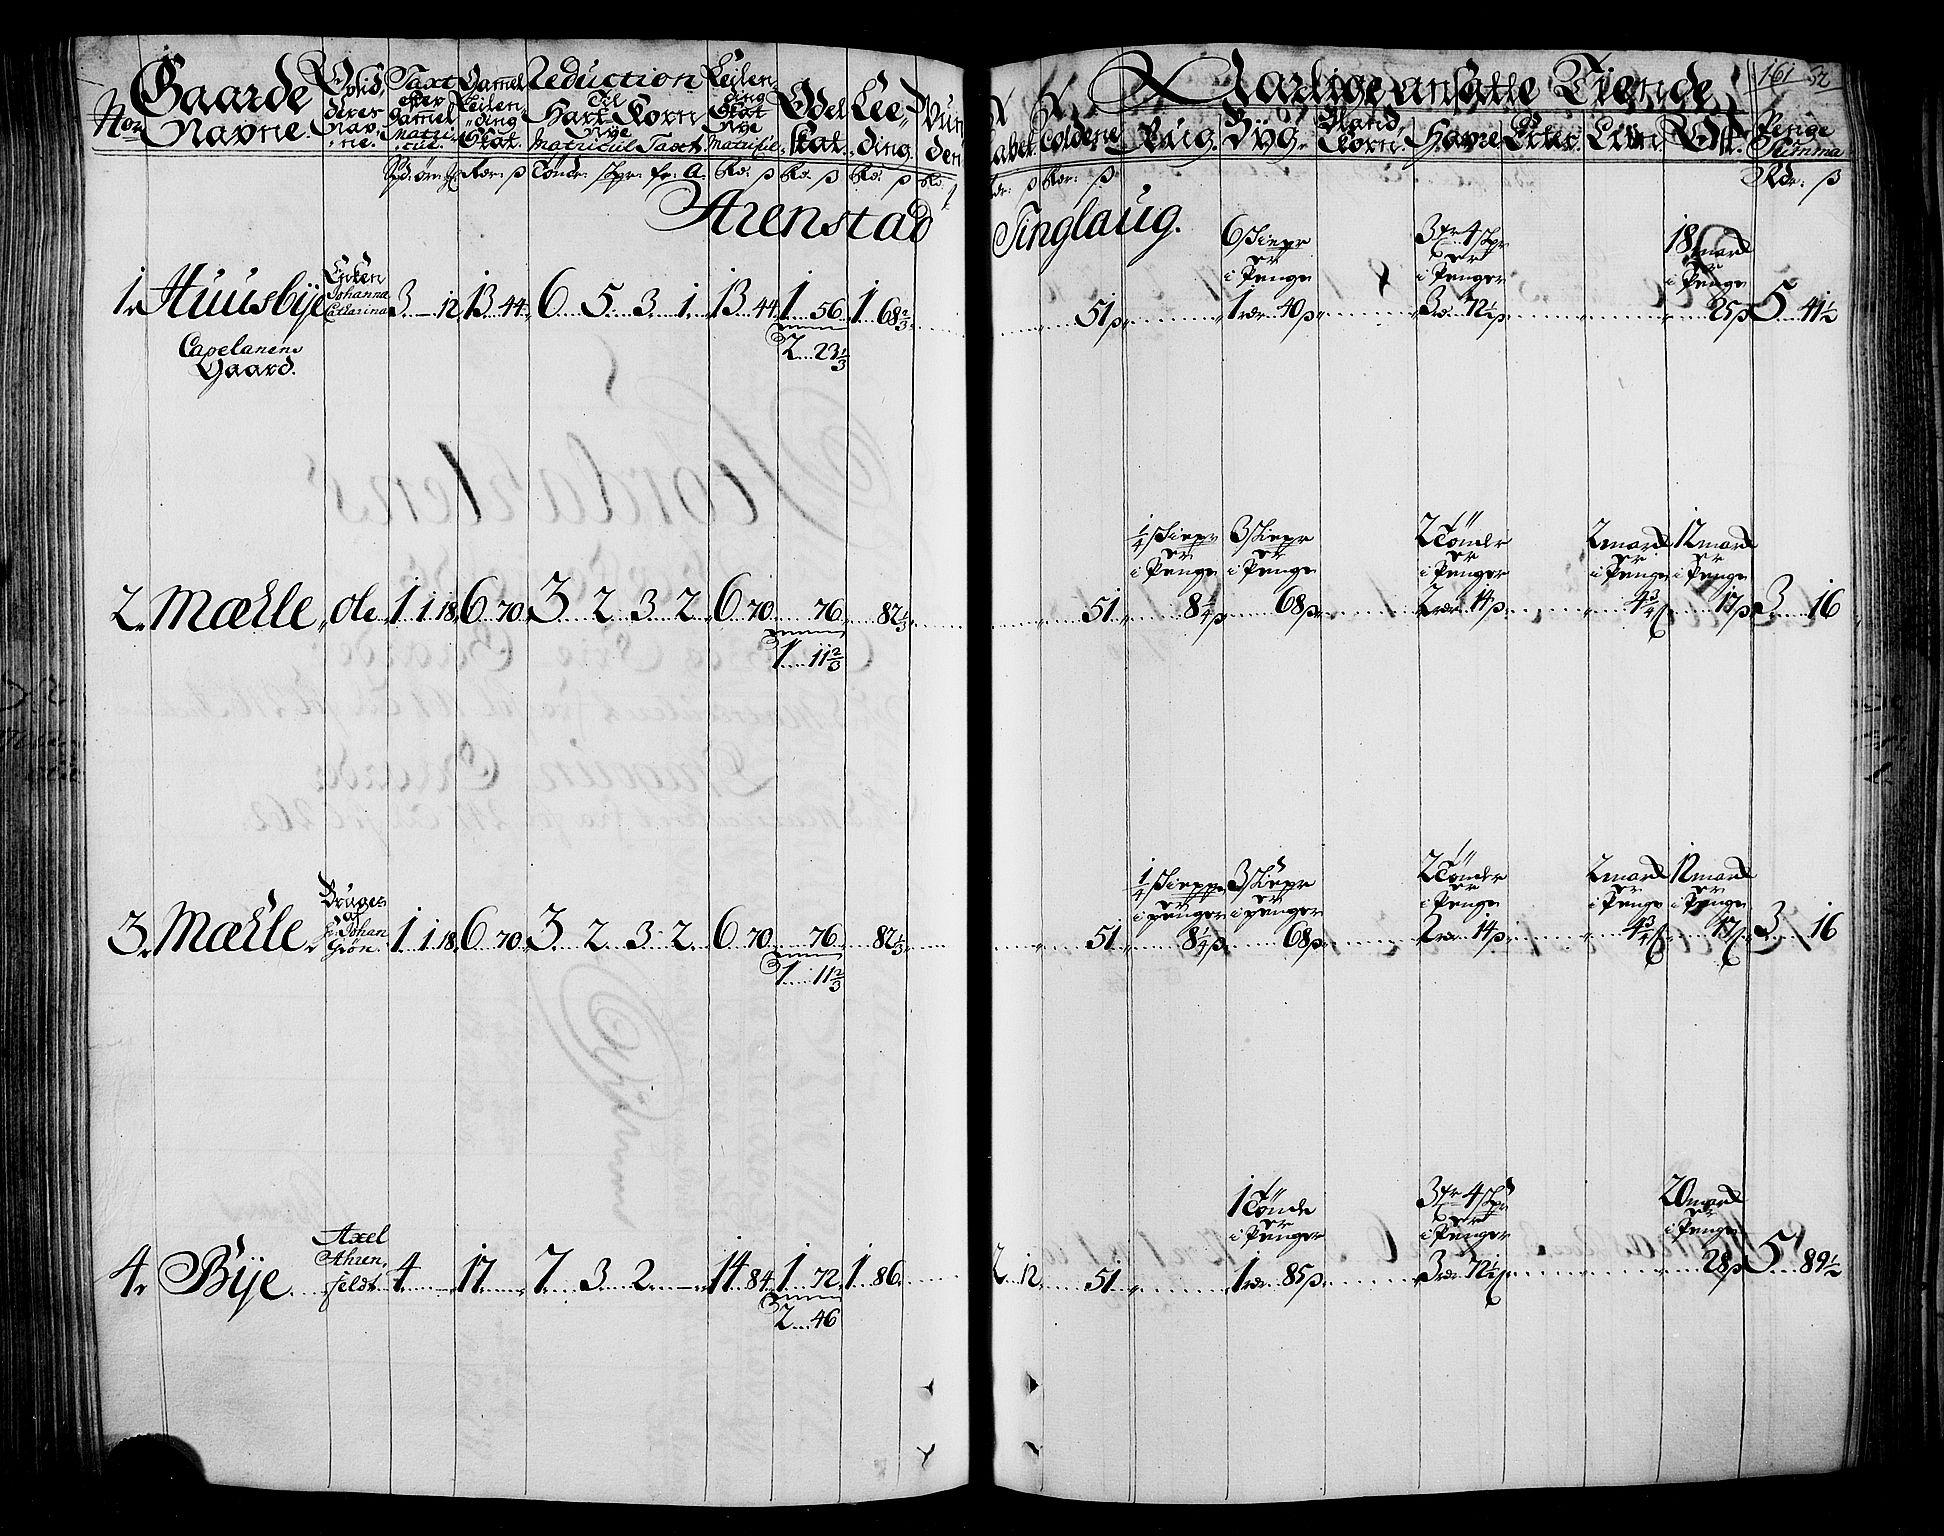 RA, Rentekammeret inntil 1814, Realistisk ordnet avdeling, N/Nb/Nbf/L0165: Stjørdal og Verdal matrikkelprotokoll, 1723, s. 160b-161a